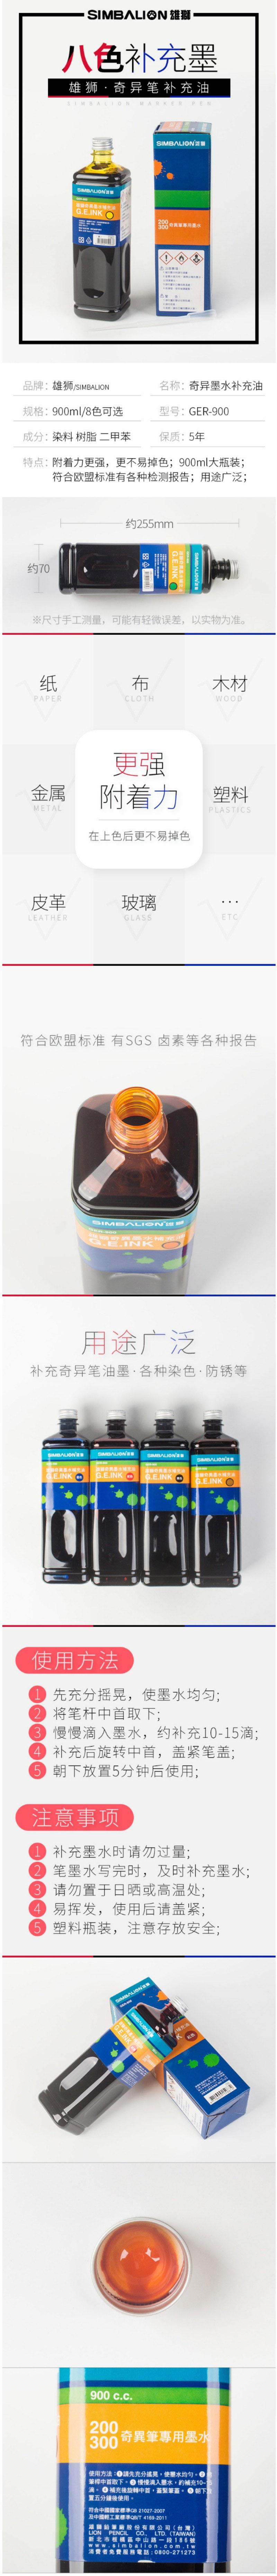 雄狮GER-900 奇异补充油(茶)详情页